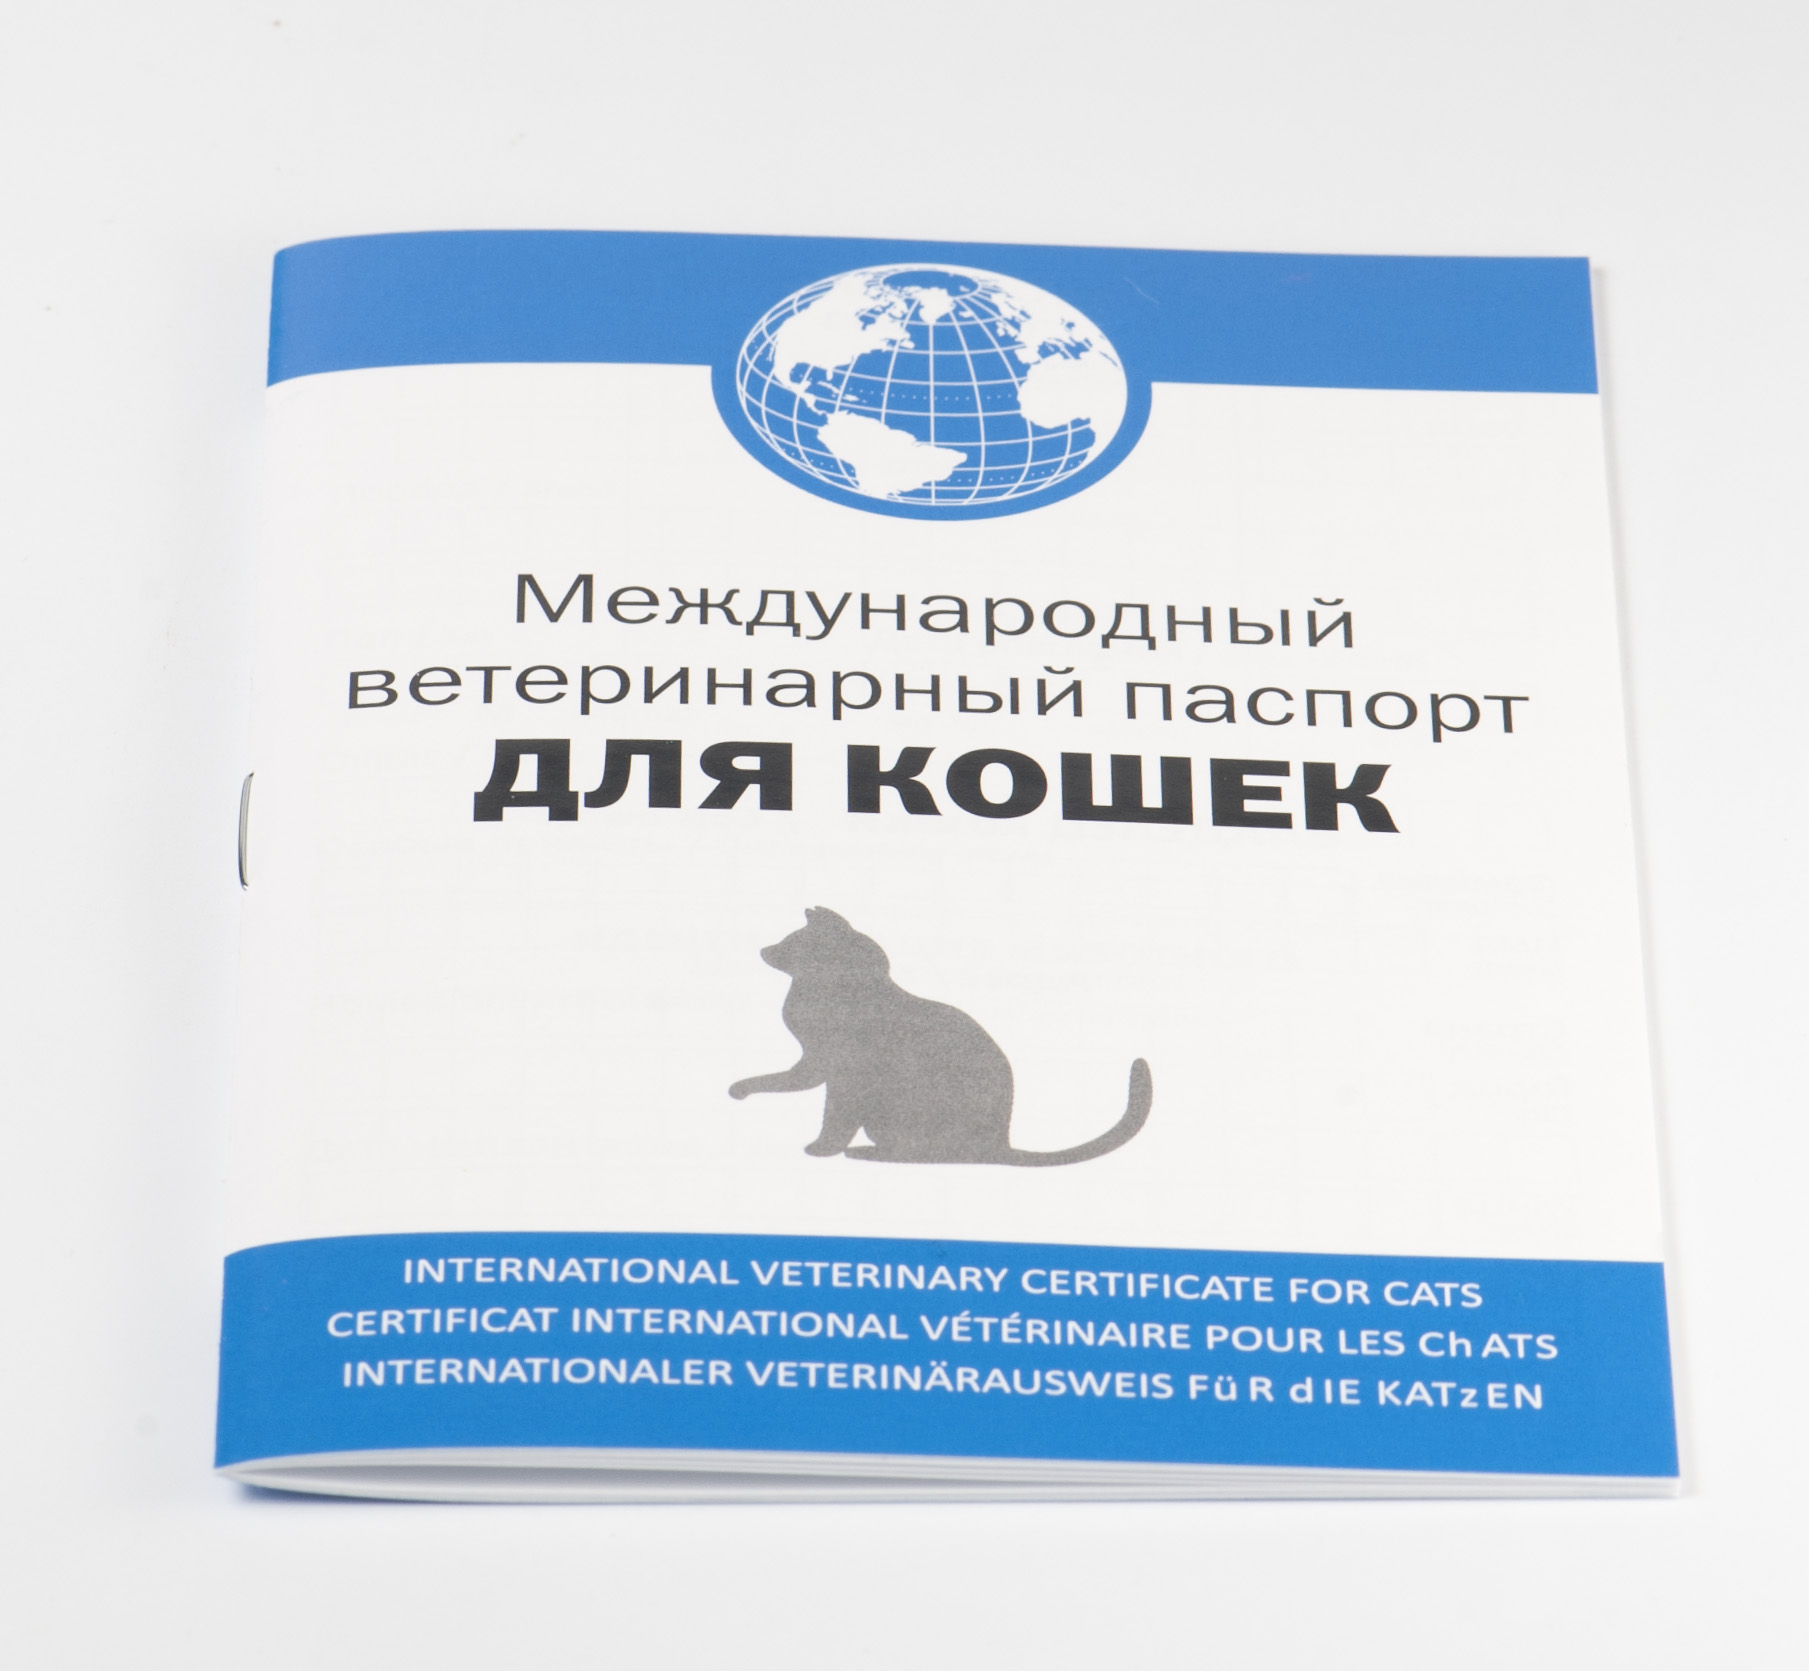 Обложка международного ветеринарного паспорта